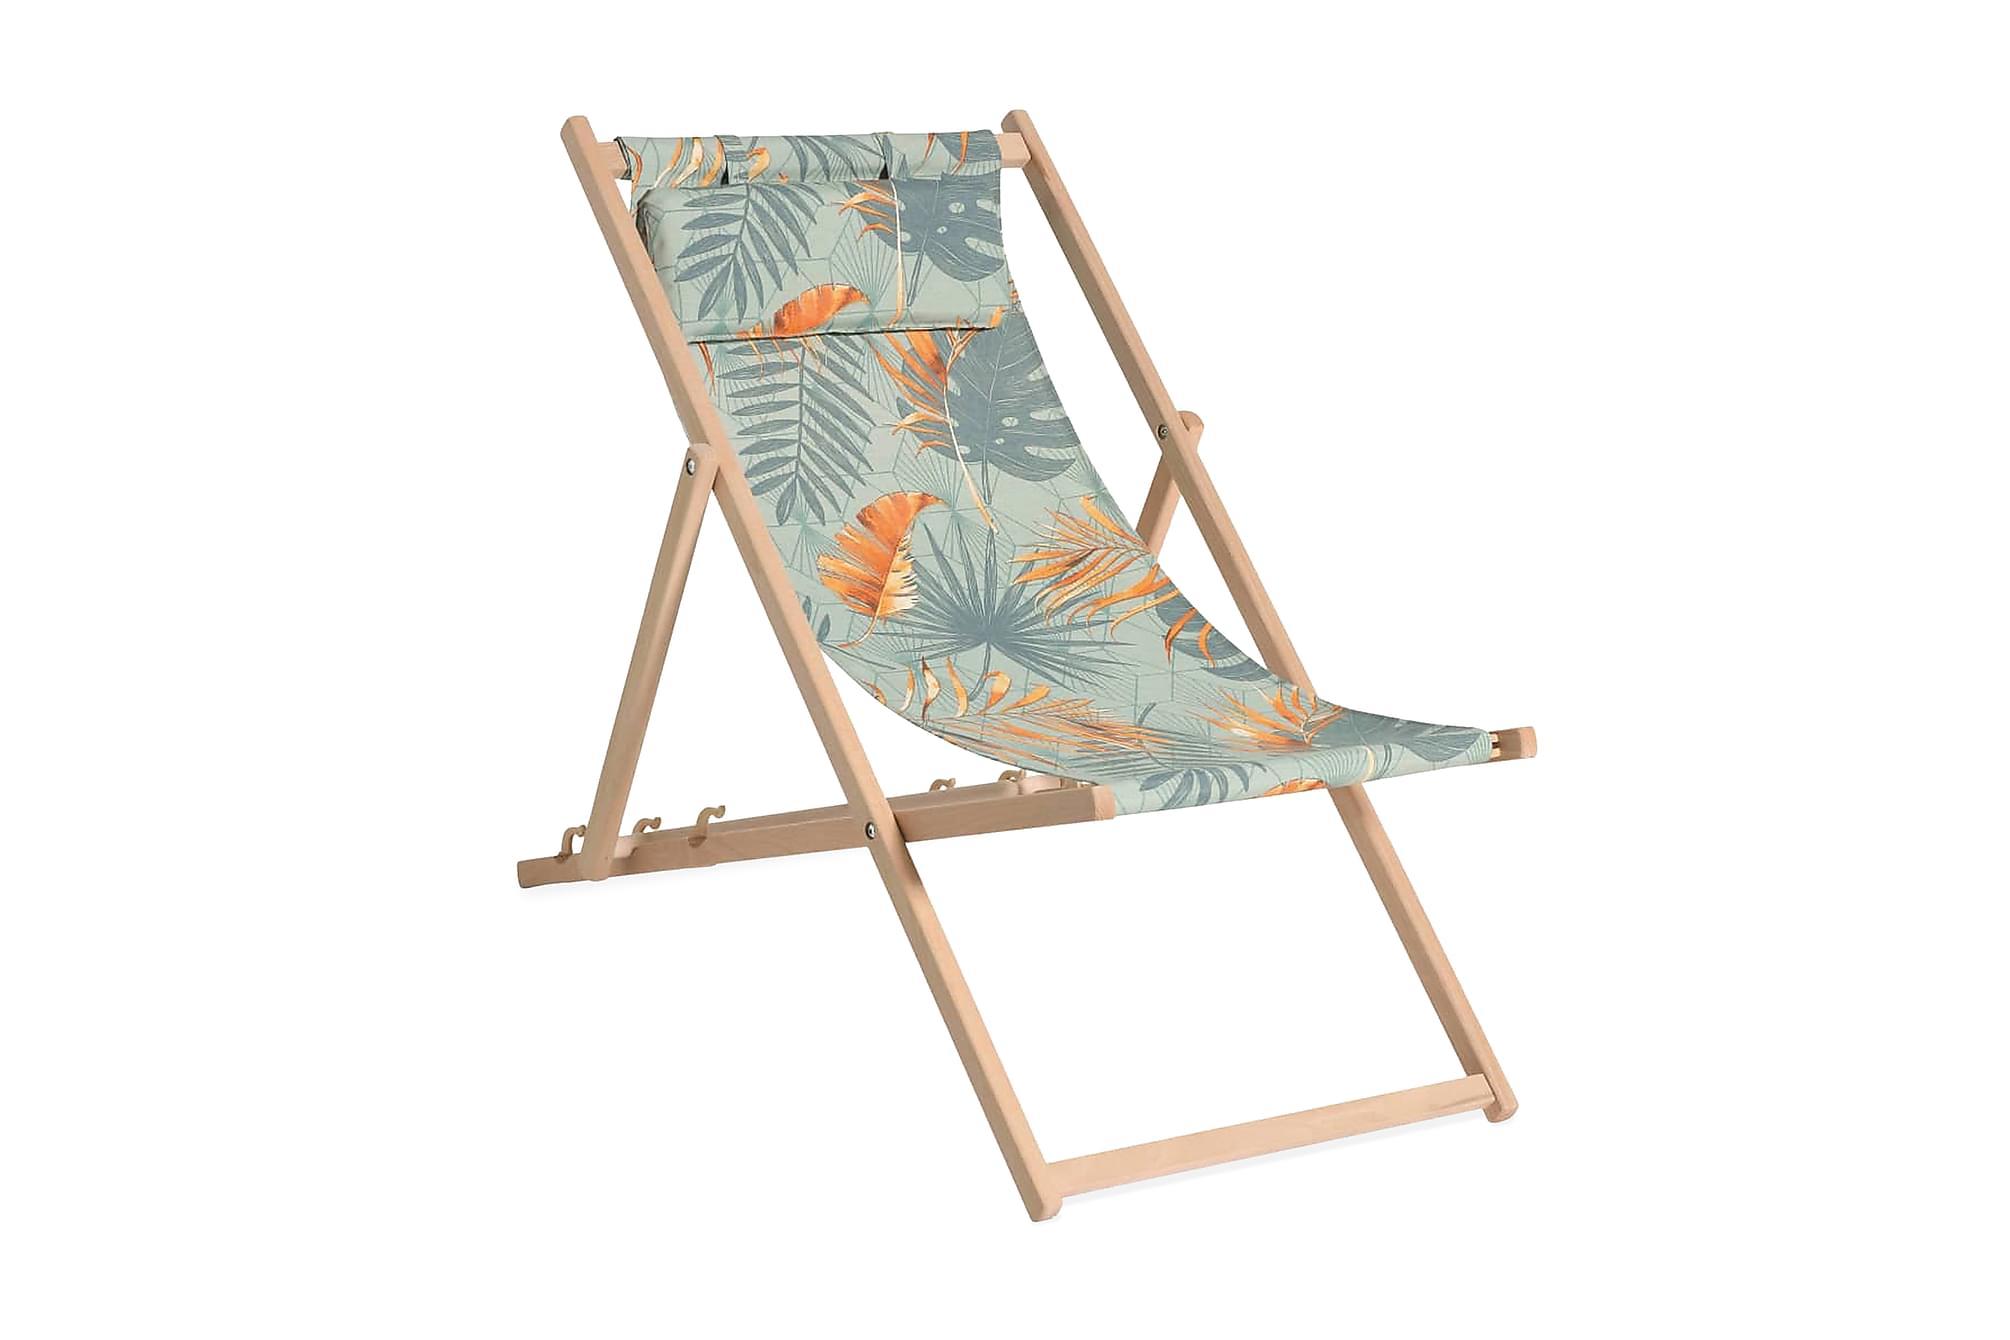 Madison Strandstol i trä Dotan blå och orange, Campingstol